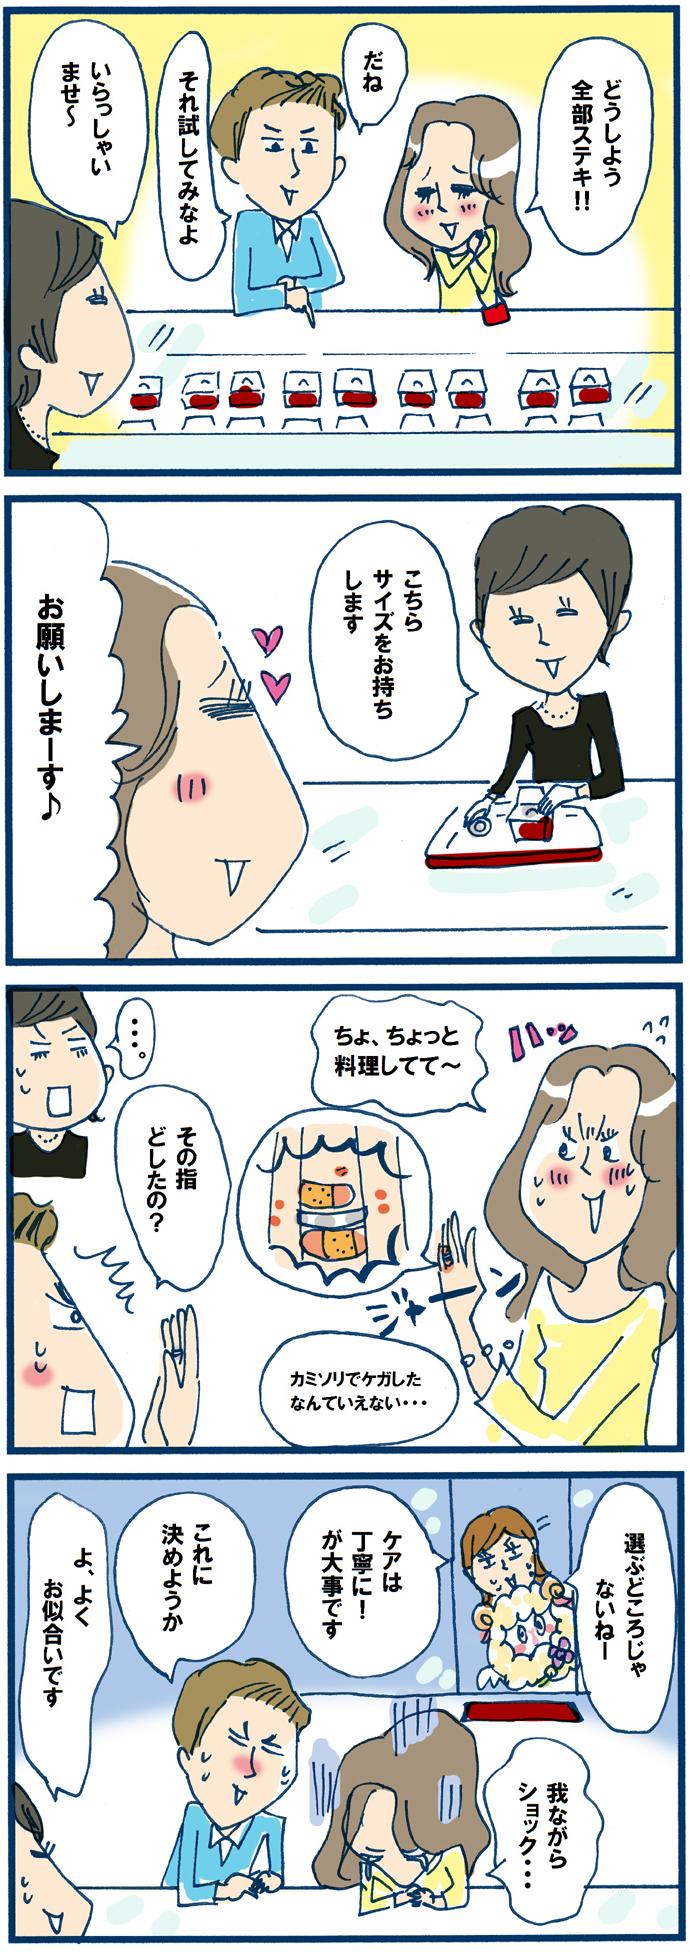 【Vol.9】傷だらけのホワイトデー!? 忘れられない彼とのペアリング